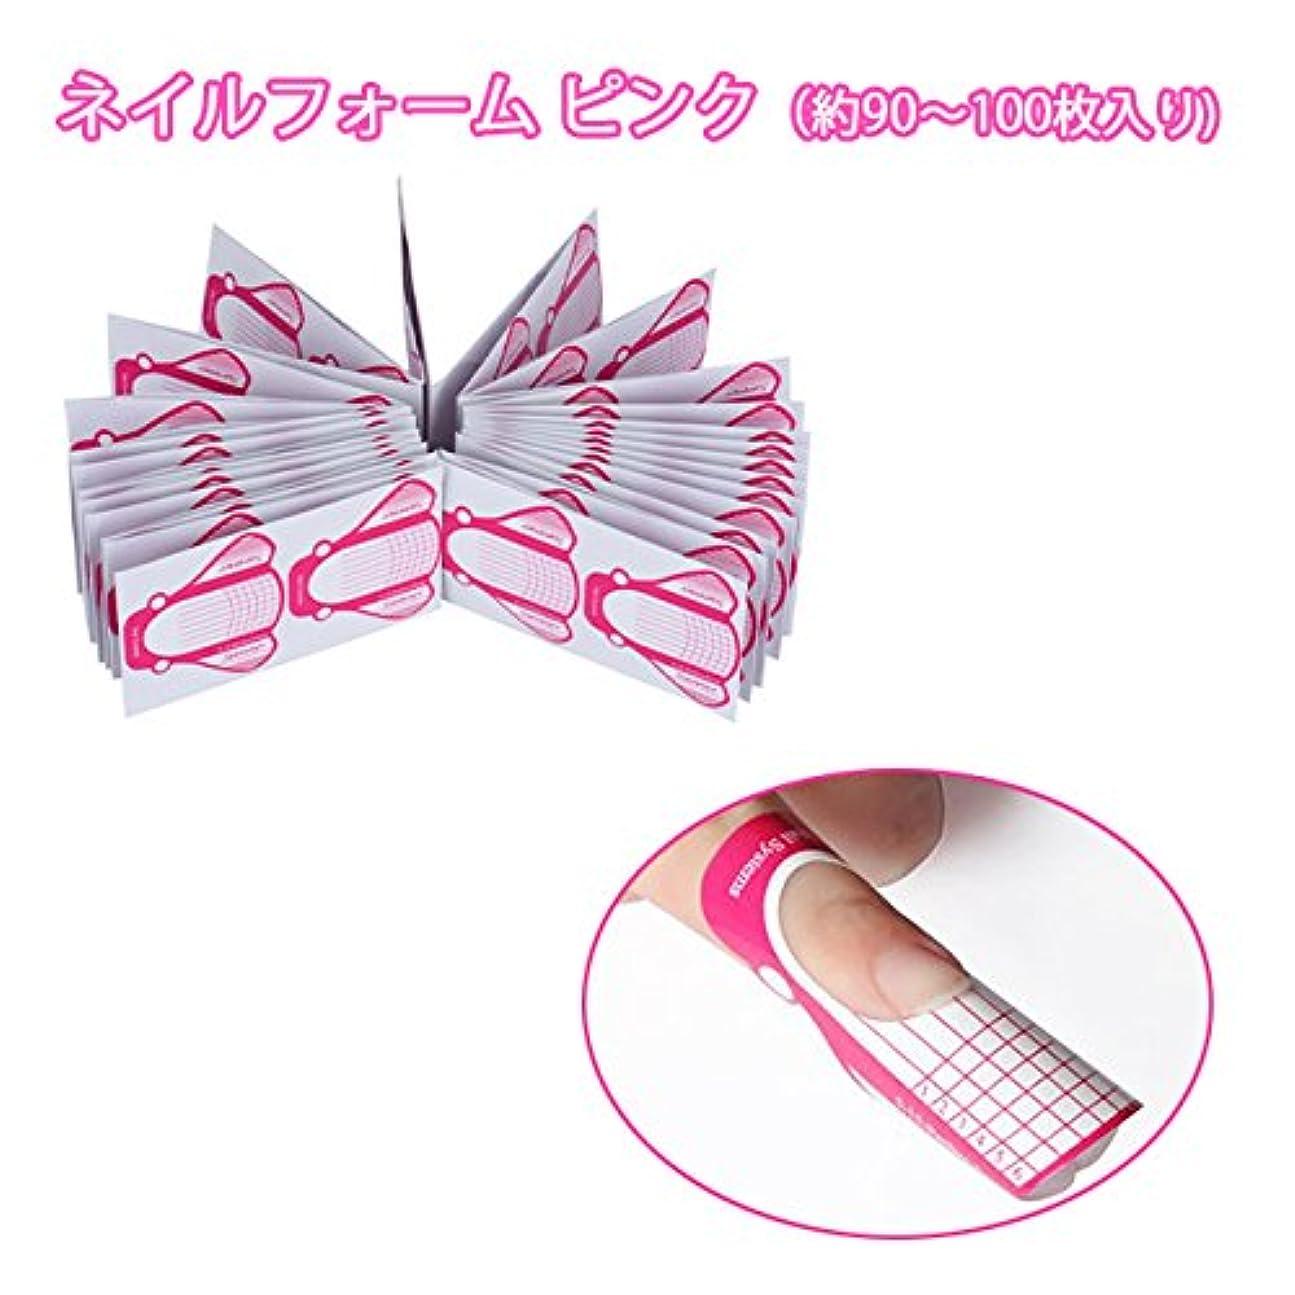 虹道マーキーネイルフォーム ピンク(約90~100枚入り)